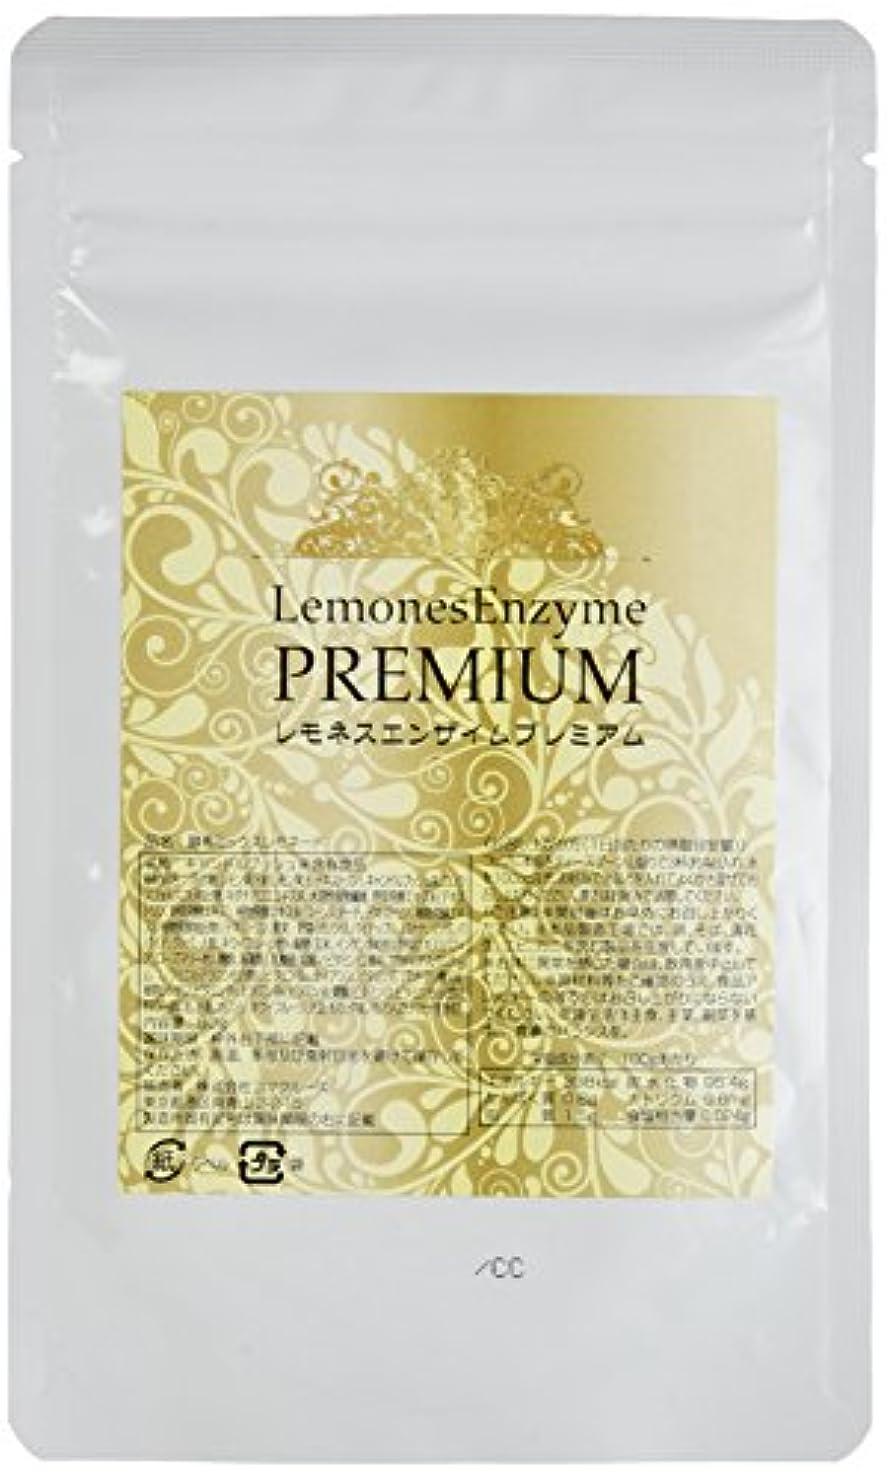 プログラムマージ言語学Lemones Enzyme PREMIUM(レモネスエンザイムプレミアム)